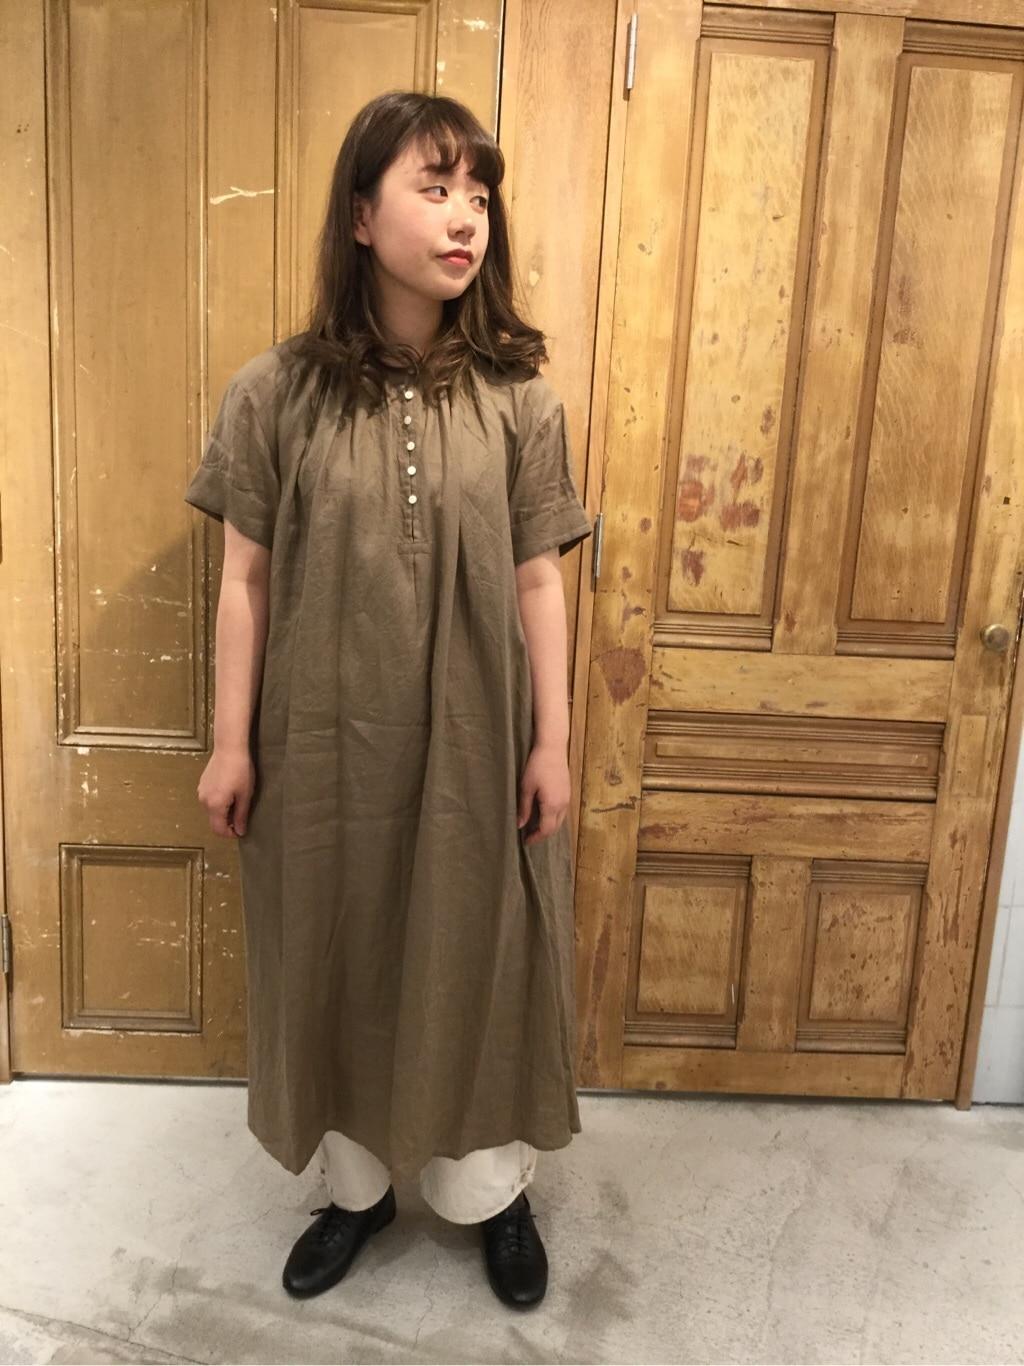 AMB SHOP PAR ICI FLAT AMB 名古屋栄路面 身長:163cm 2020.04.10